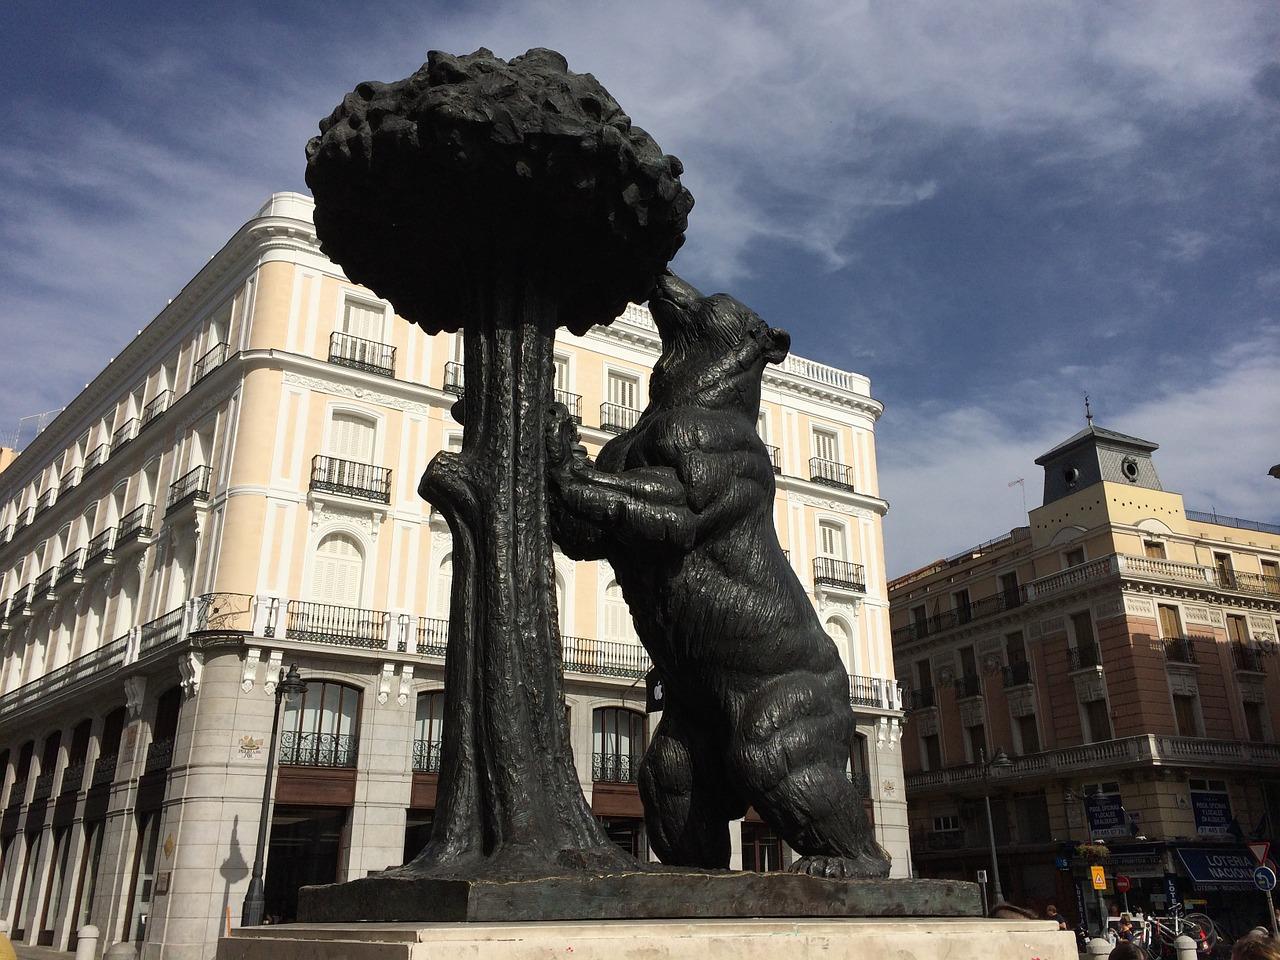 Estátua do Urso Madronho, Madri, Espanha.